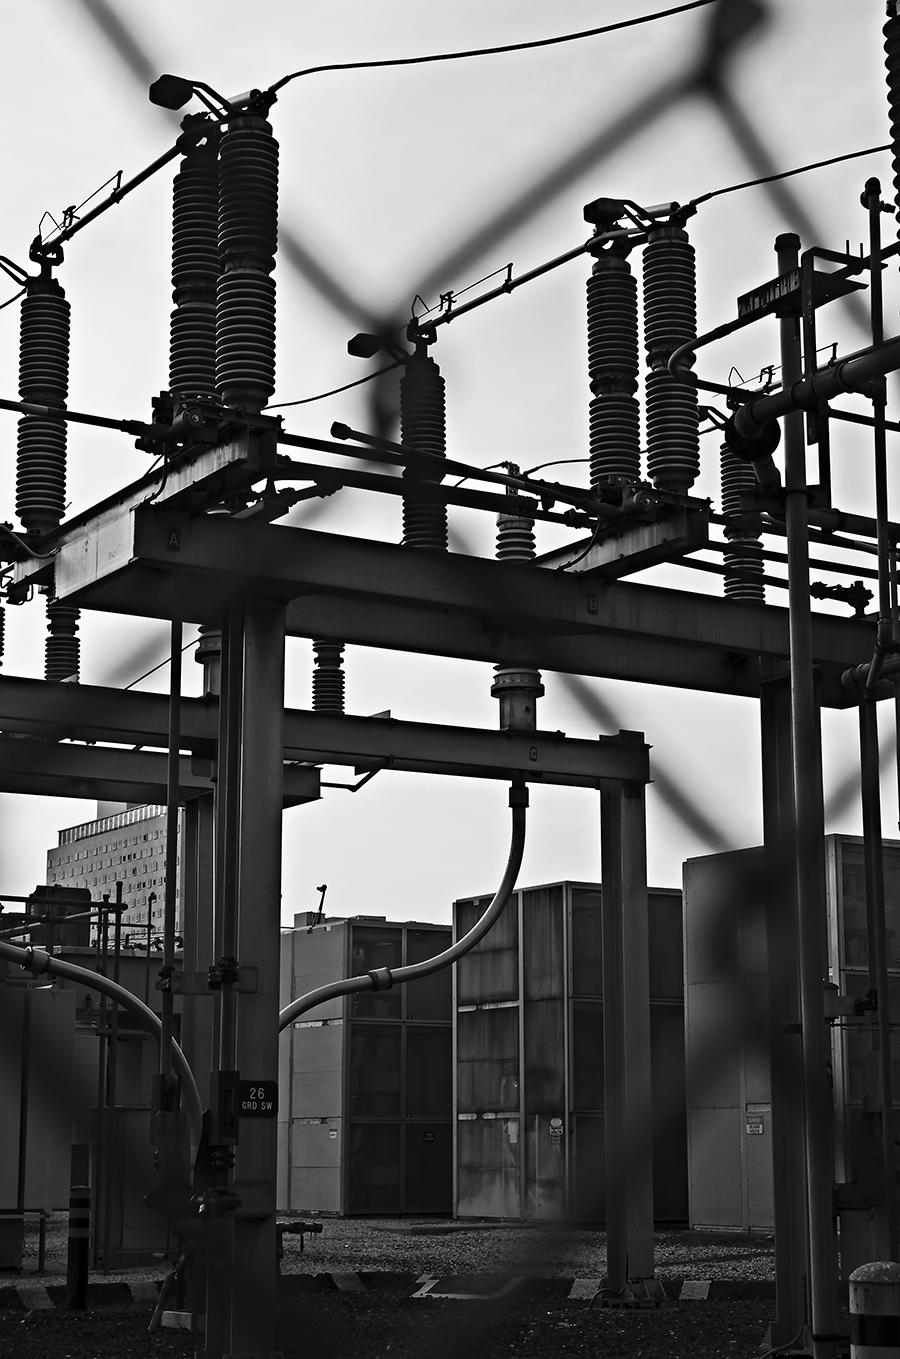 3_Energy_Substation_Fence